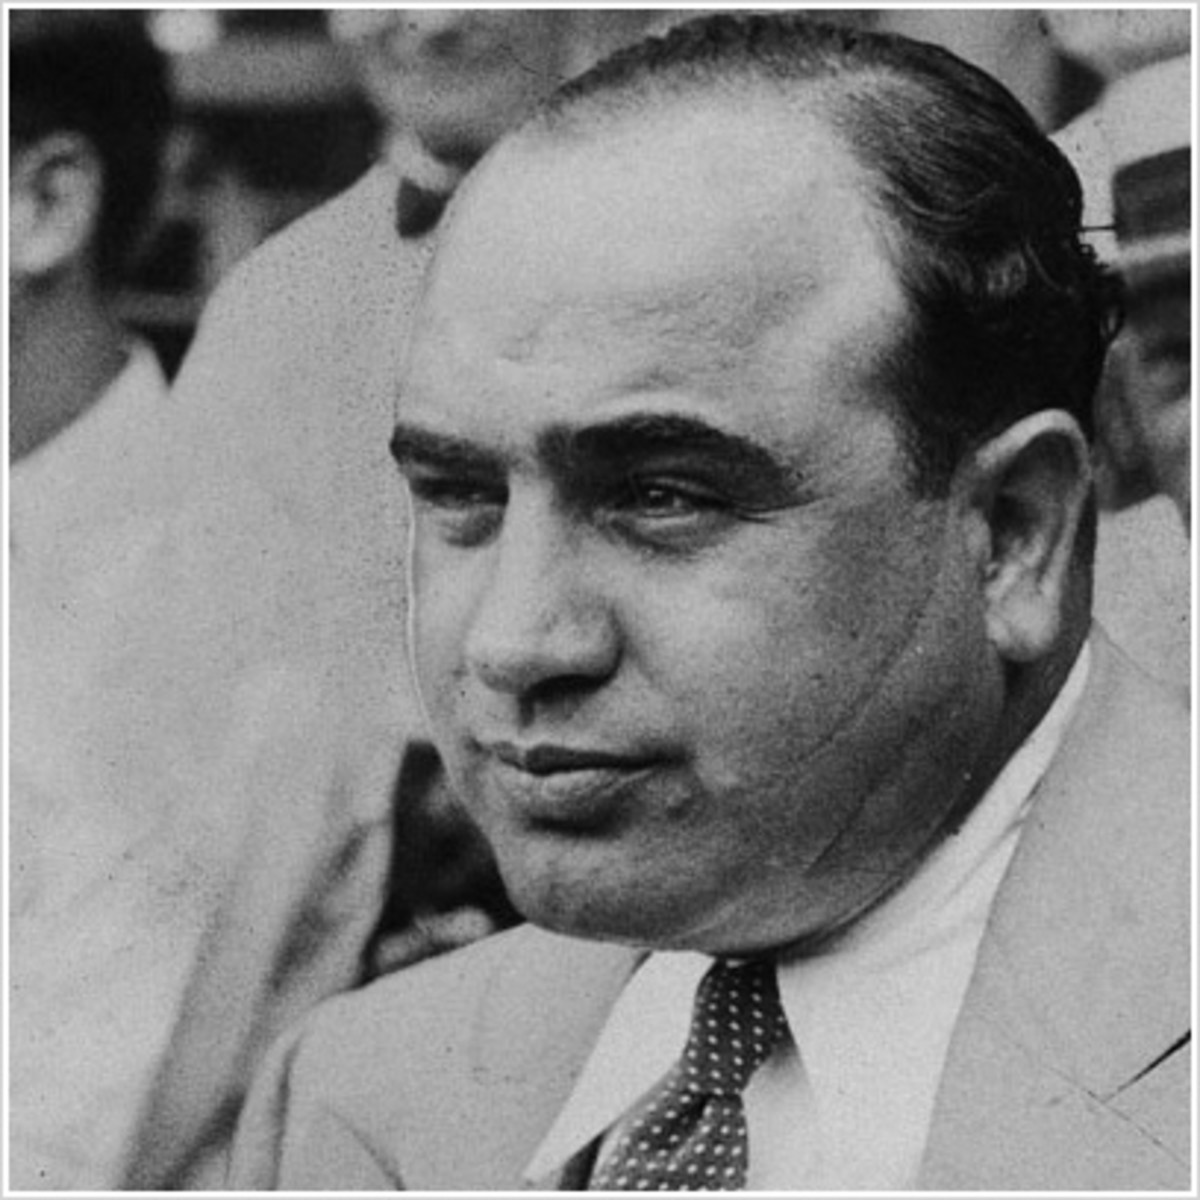 Al Capone And The St Valentine's Day Massacre Feb 14th 1929